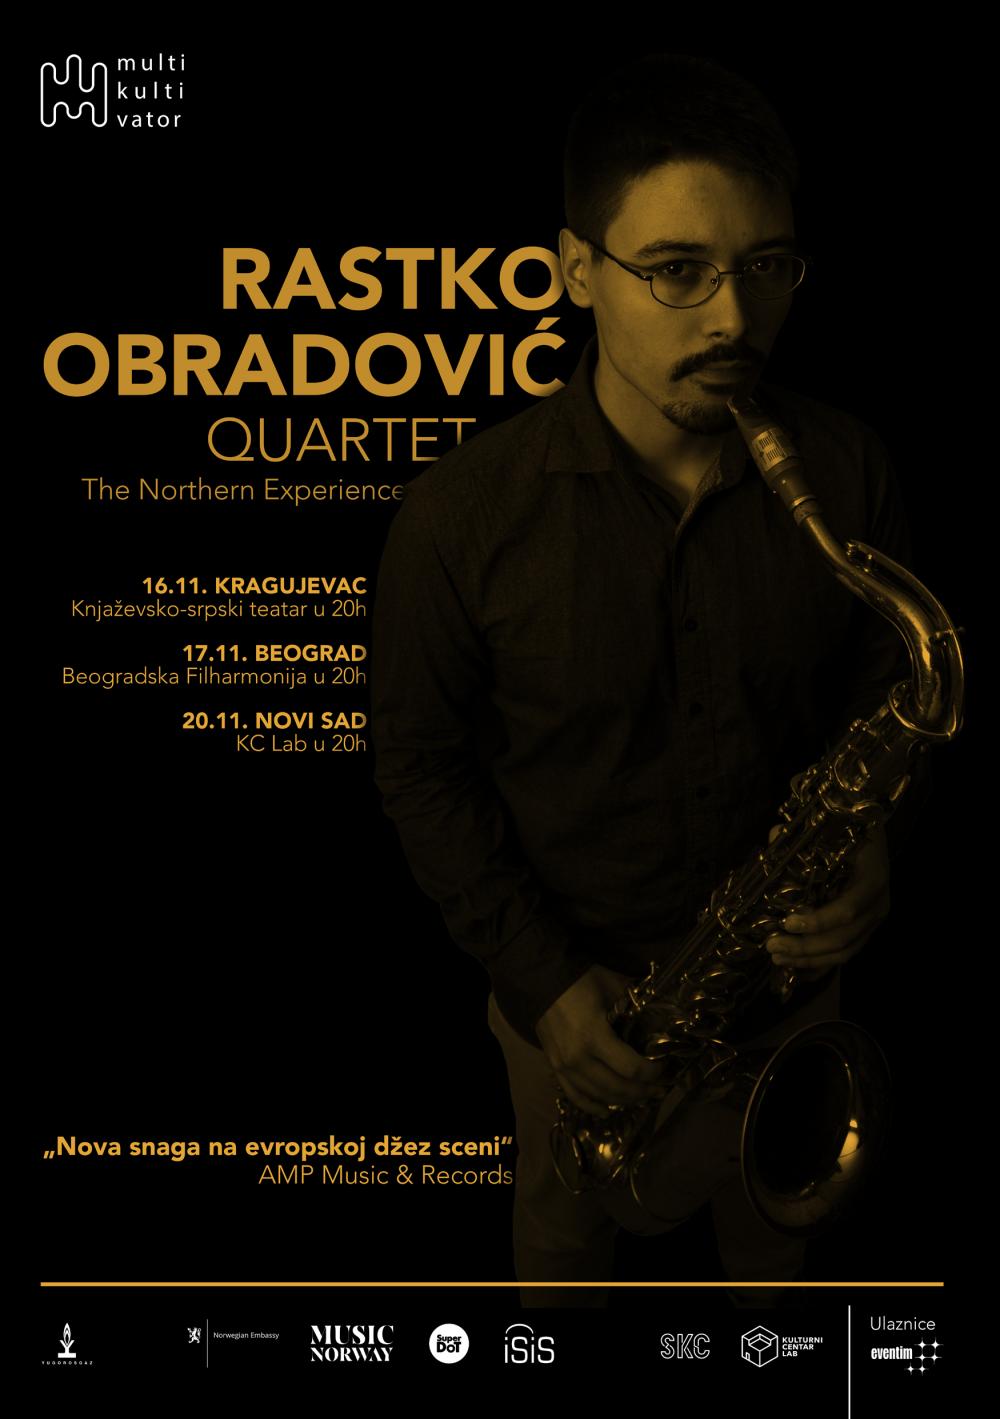 ROQ A5 front e1541162929869 Koncert kvarteta saksofoniste Rastka Obradovića u Beogradskoj filharmoniji